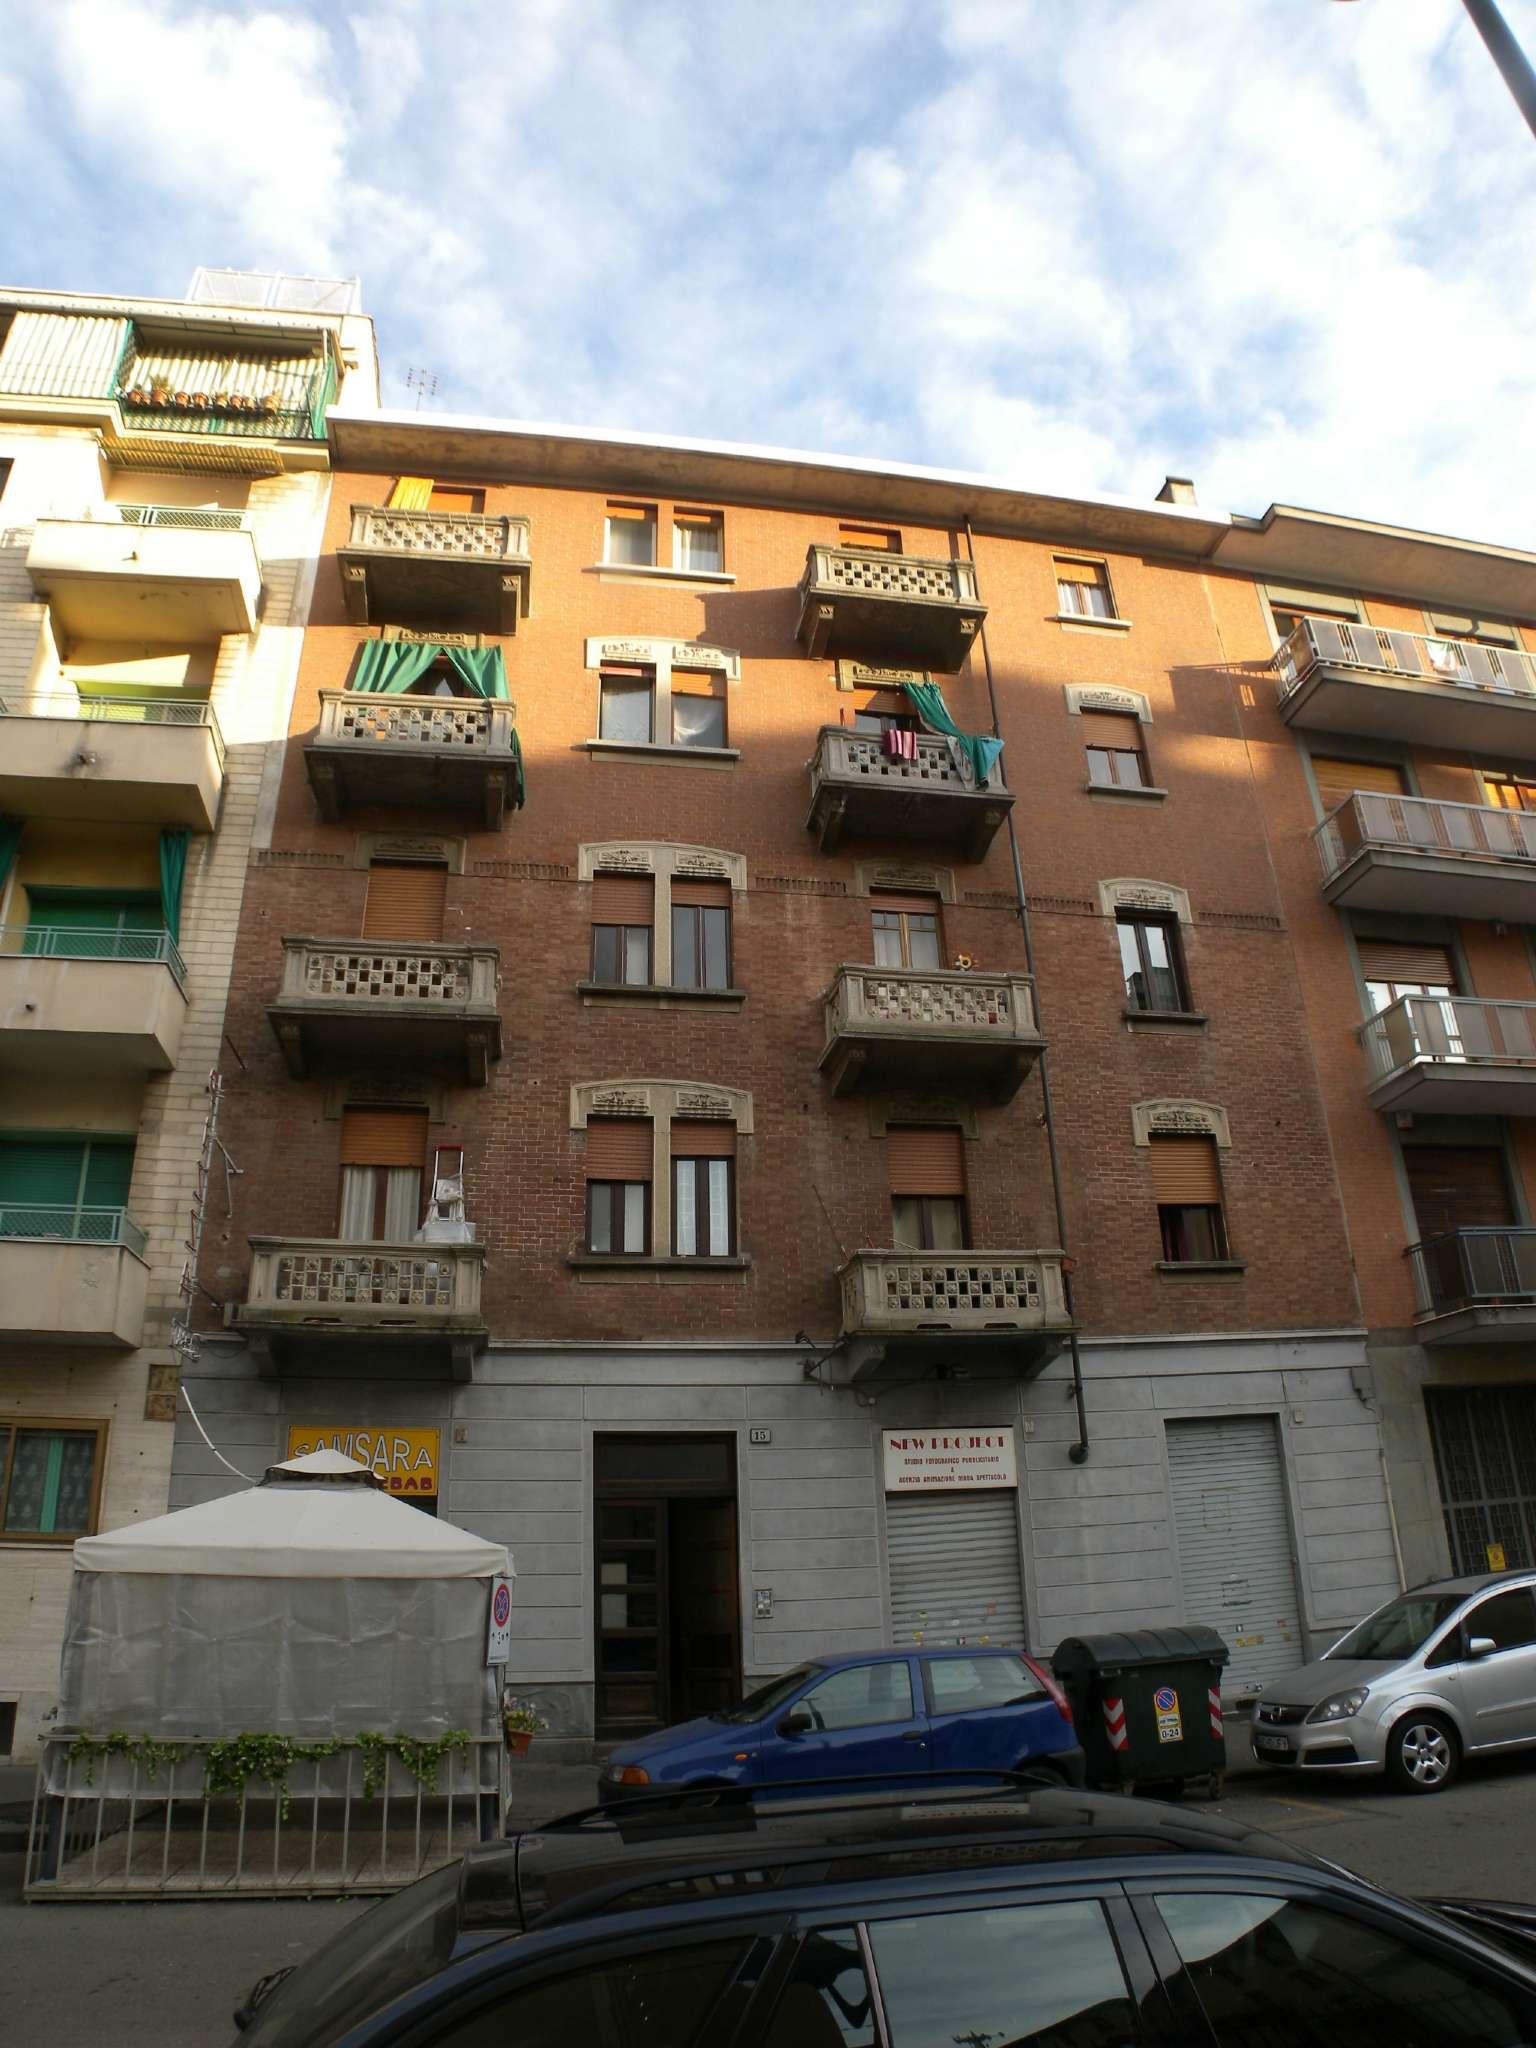 Foto 1 di Stabile - Palazzo via CASTAGNEVIZZA  15, Torino (zona Santa Rita)